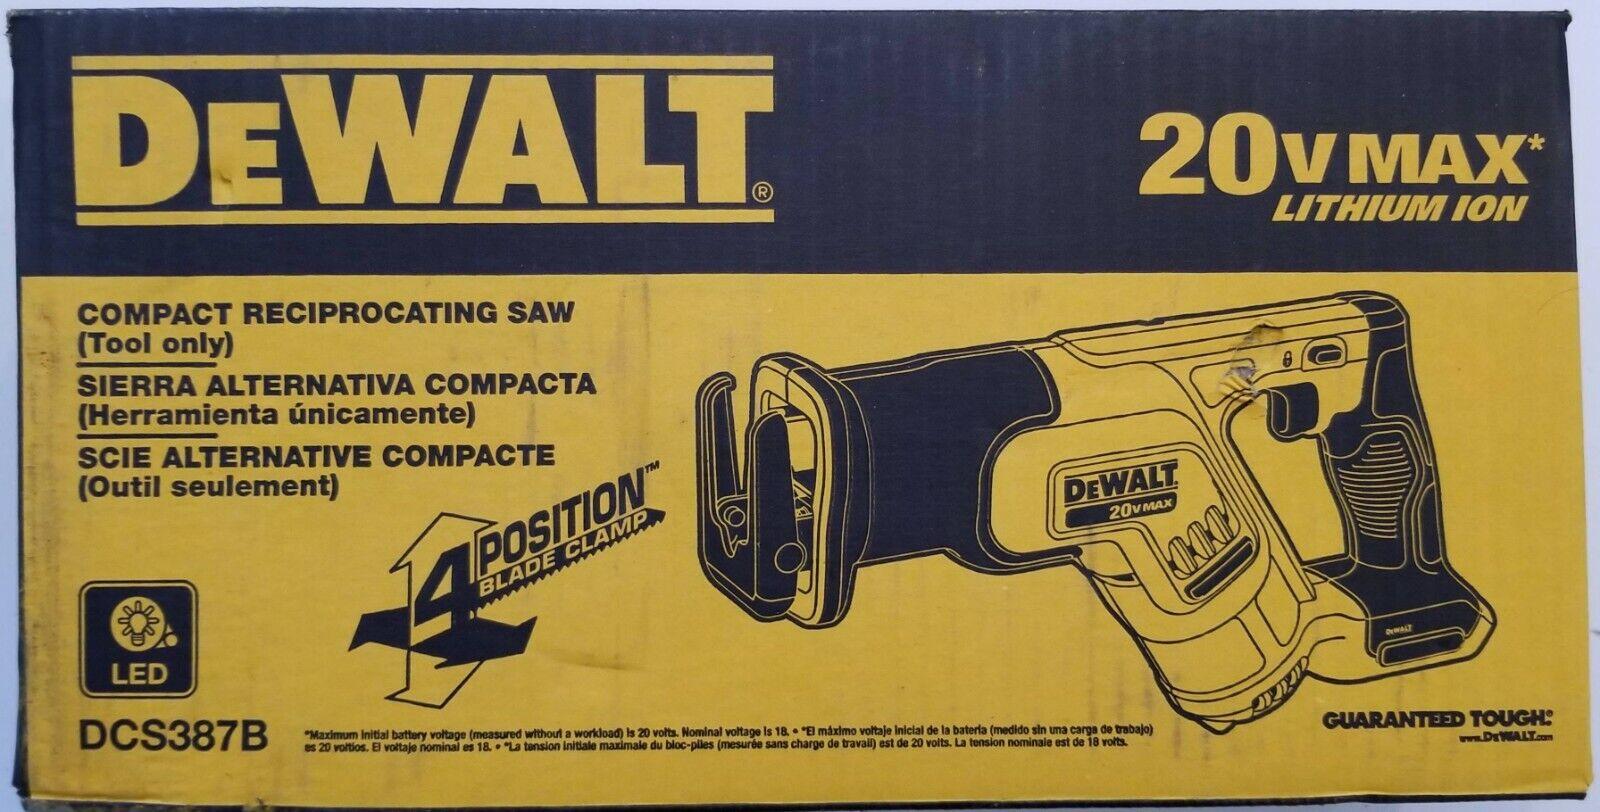 DEWALT DCS387B 20V 20 Volt Max Cordless Compact Reciprocatin